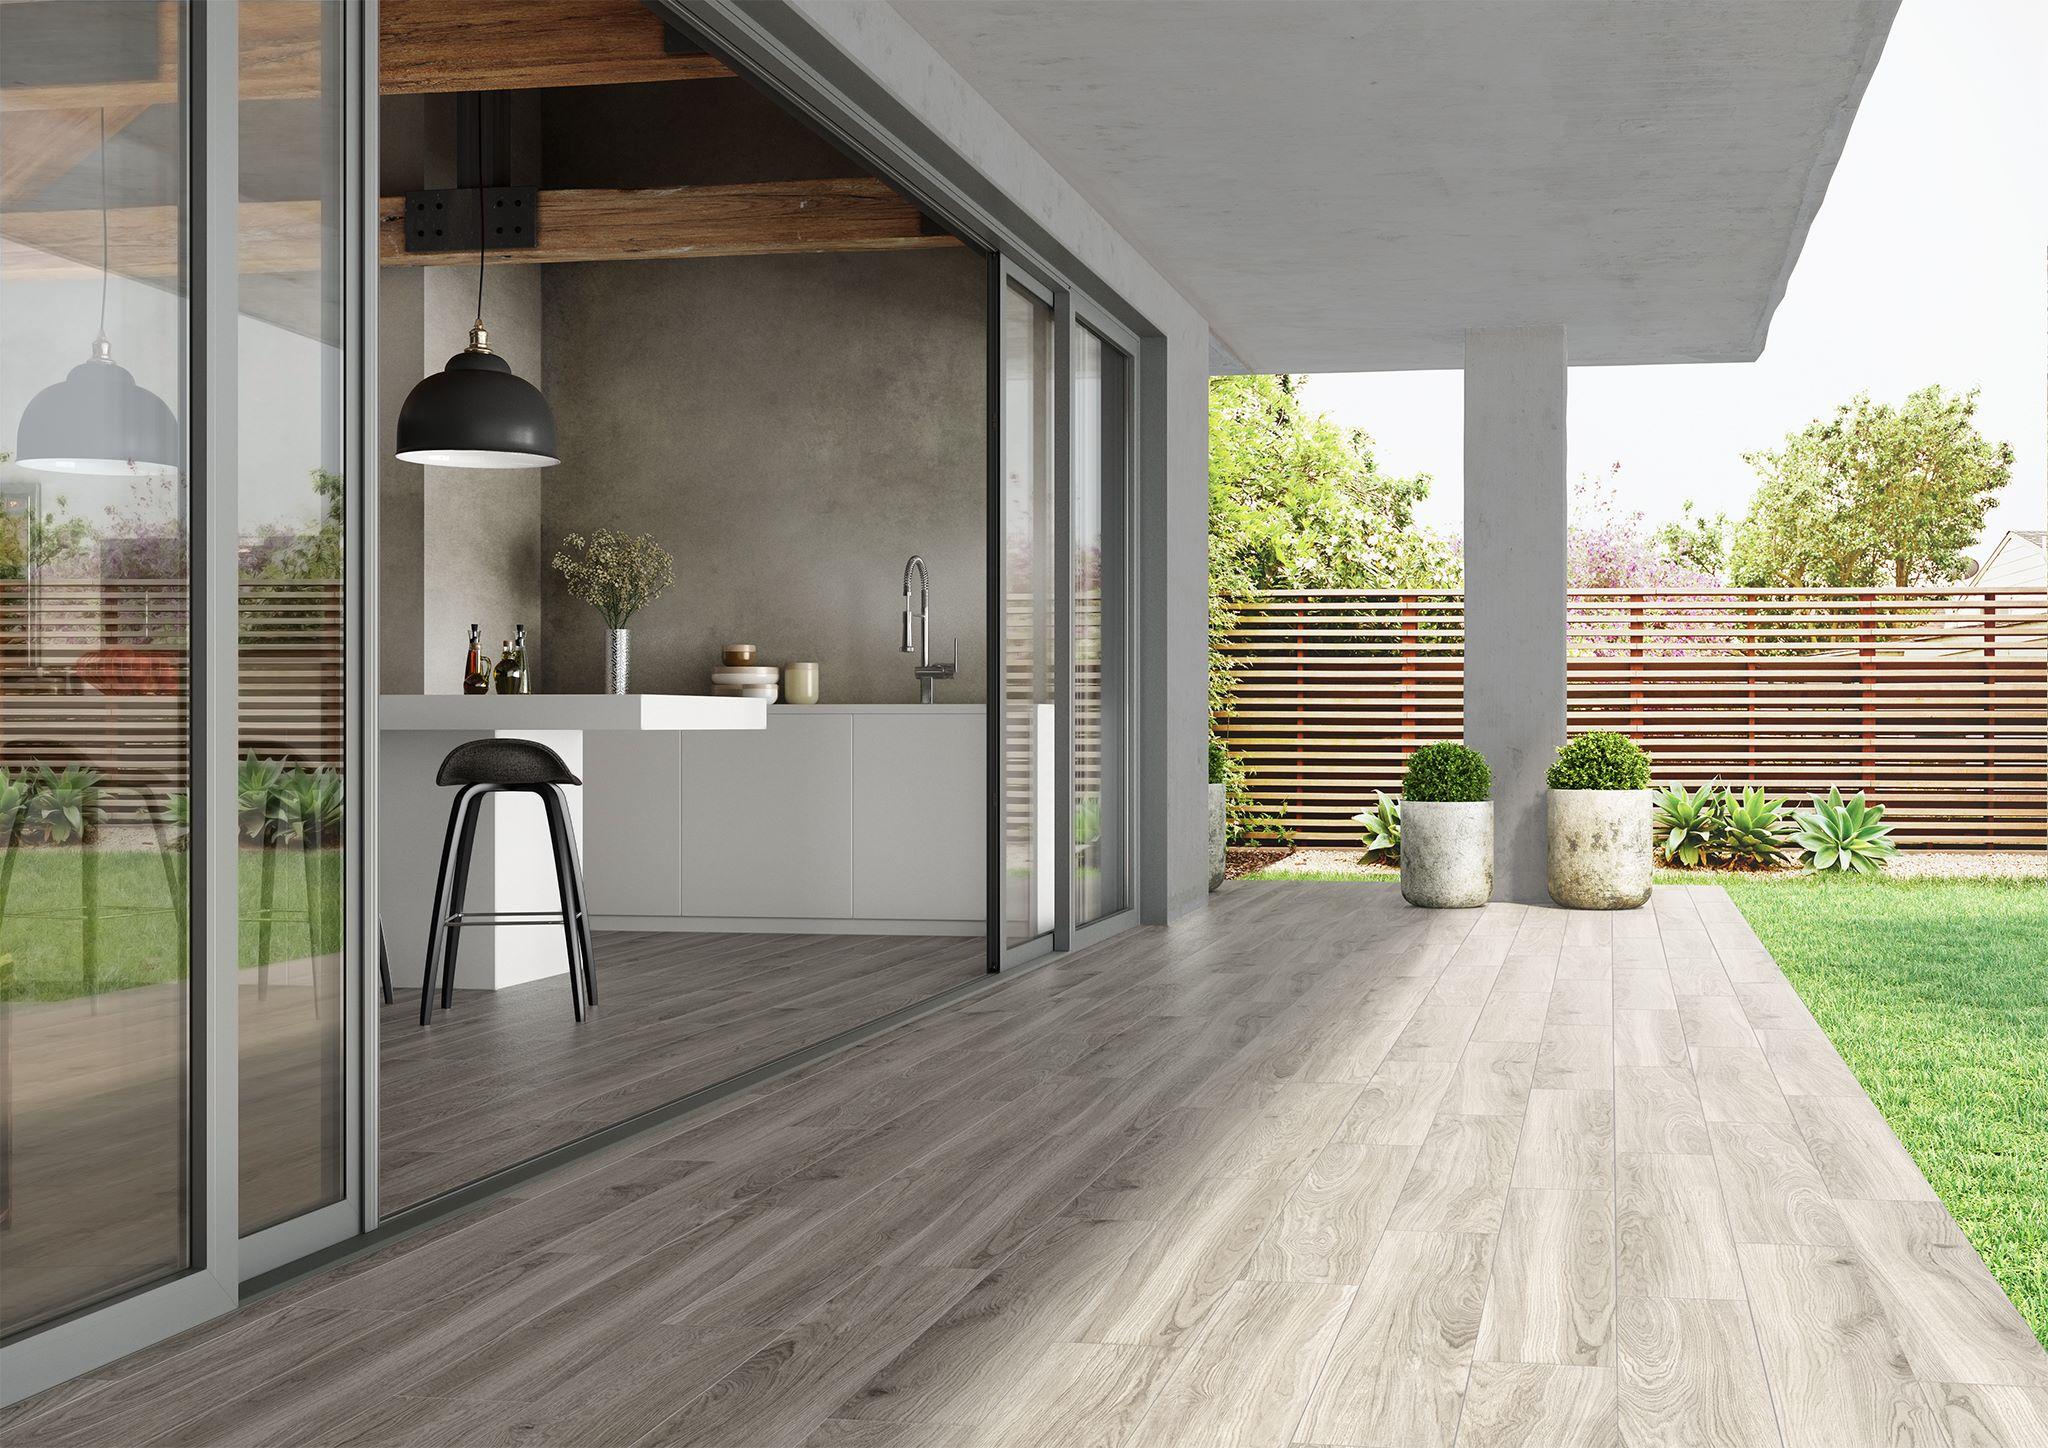 Pavimentos para espacios exteriores albatros construcci - Pavimentos para exteriores ...